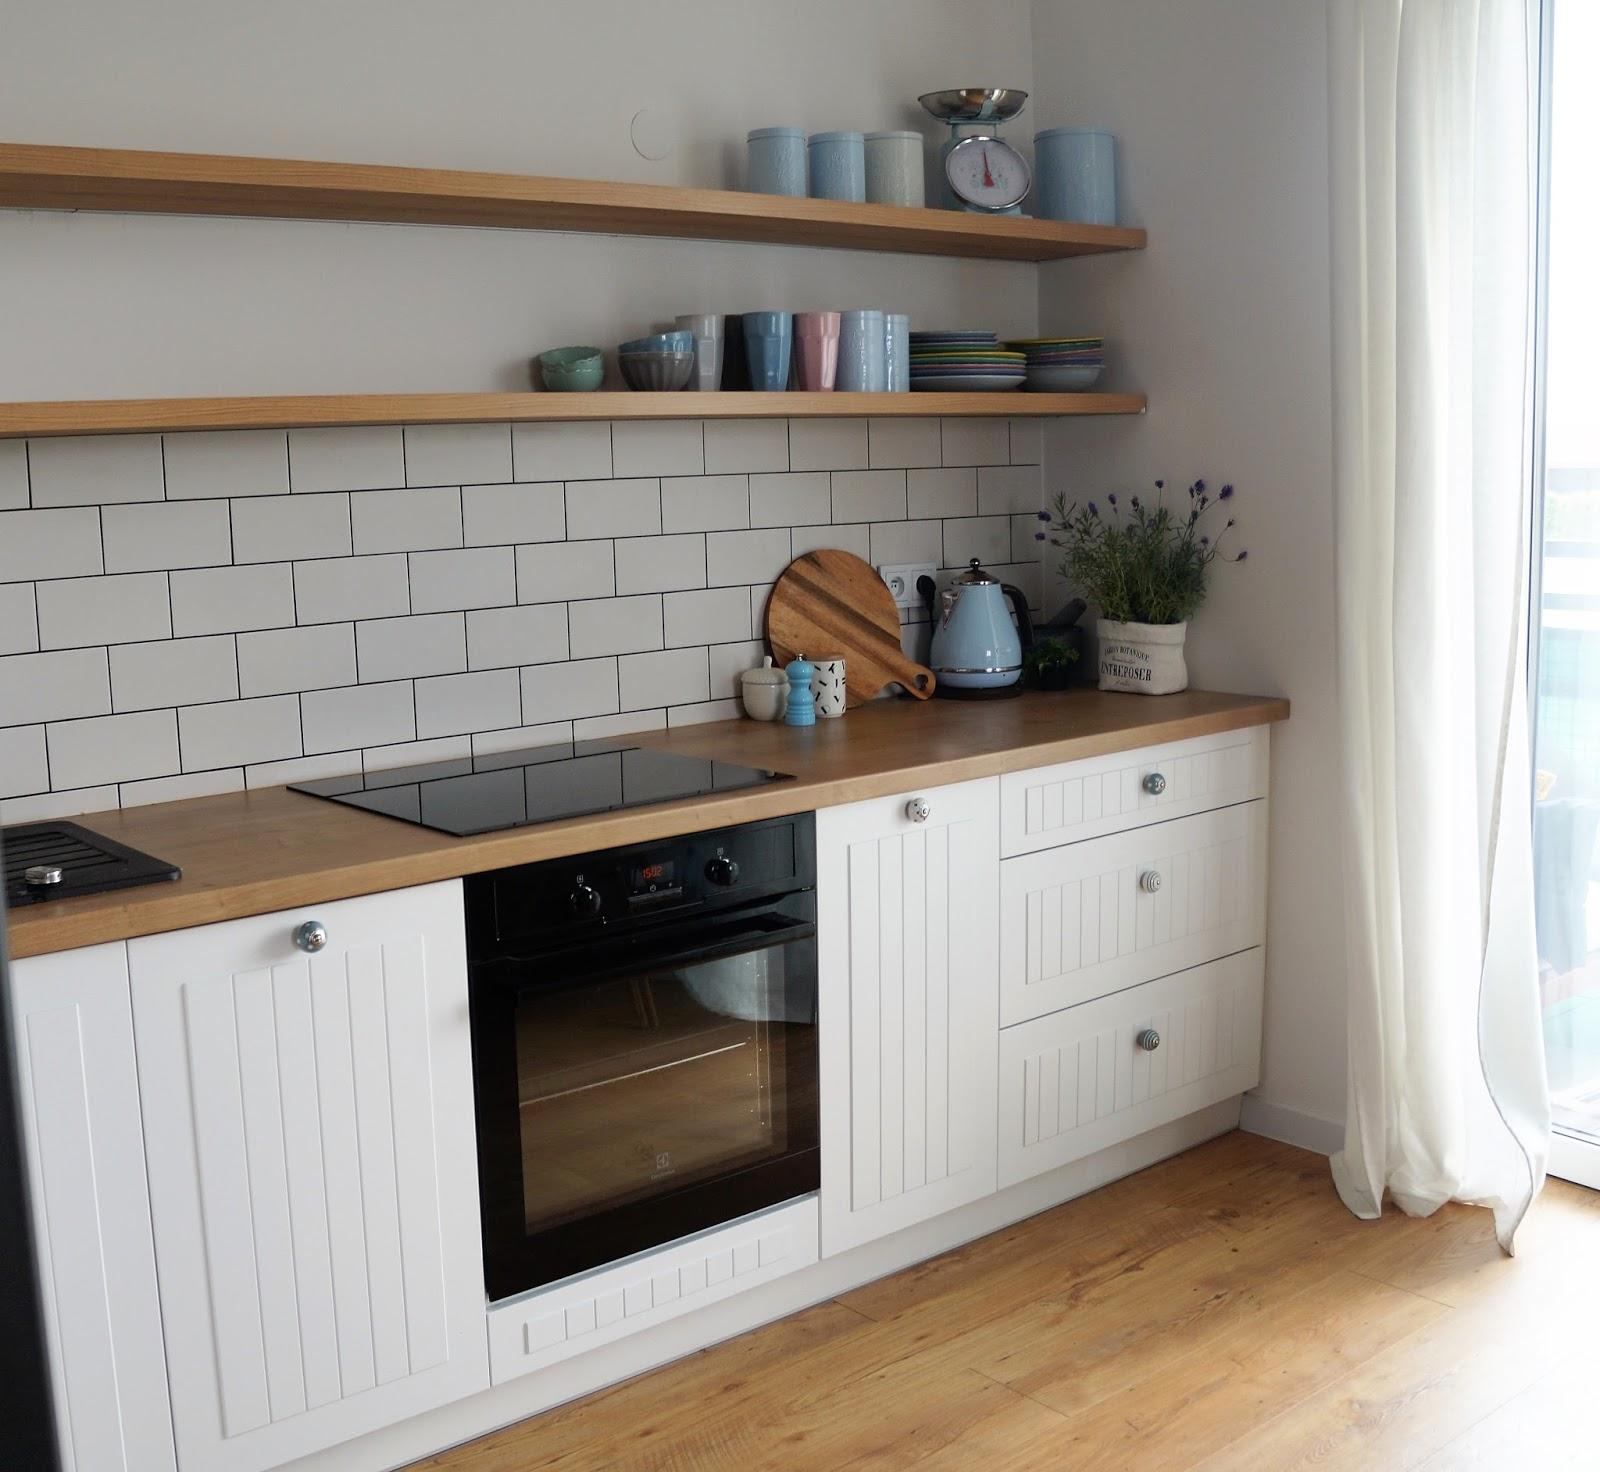 Pani Króliczek Moje mieszkanie kuchnia 71 -> Ikea Kuchnia Dla Dzieci Drewniana